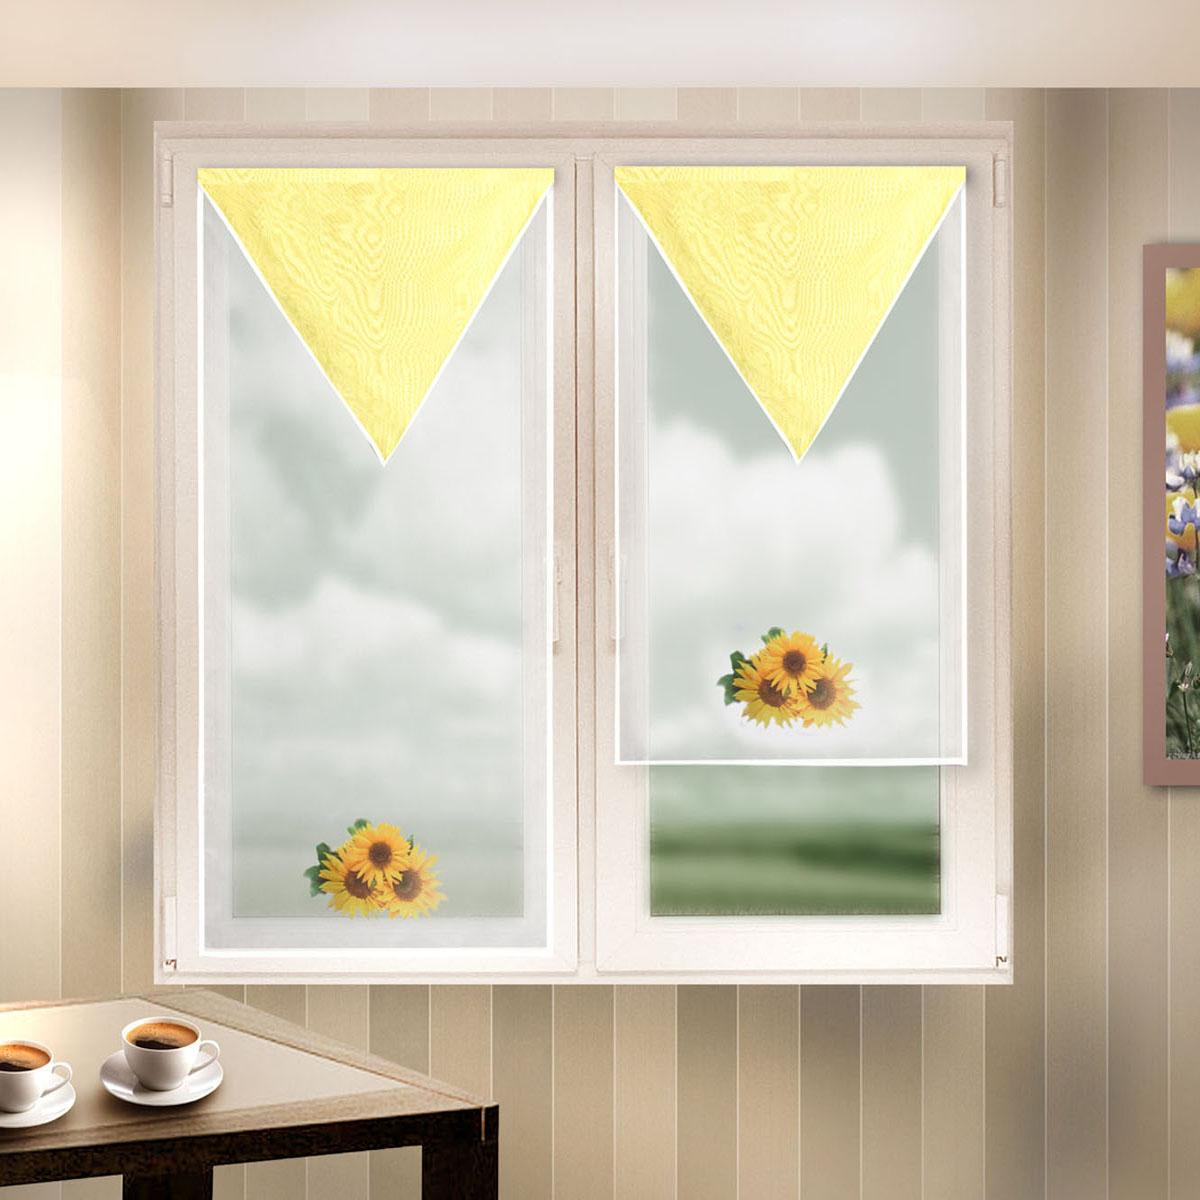 Гардина Zlata Korunka, на липкой ленте, цвет: белый, высота 120 см, 2 шт. 666056-1666056-1Гардина на липкой ленте Zlata Korunka, изготовленная из легкого полиэстера, станет великолепным украшением любого окна. Полотно из белой вуали с печатным рисунком привлечет к себе внимание и органично впишется в интерьер комнаты. Крепление на липкой ленте, не требующее сверления стен и карниза. Многоразовое и мгновенное крепление.